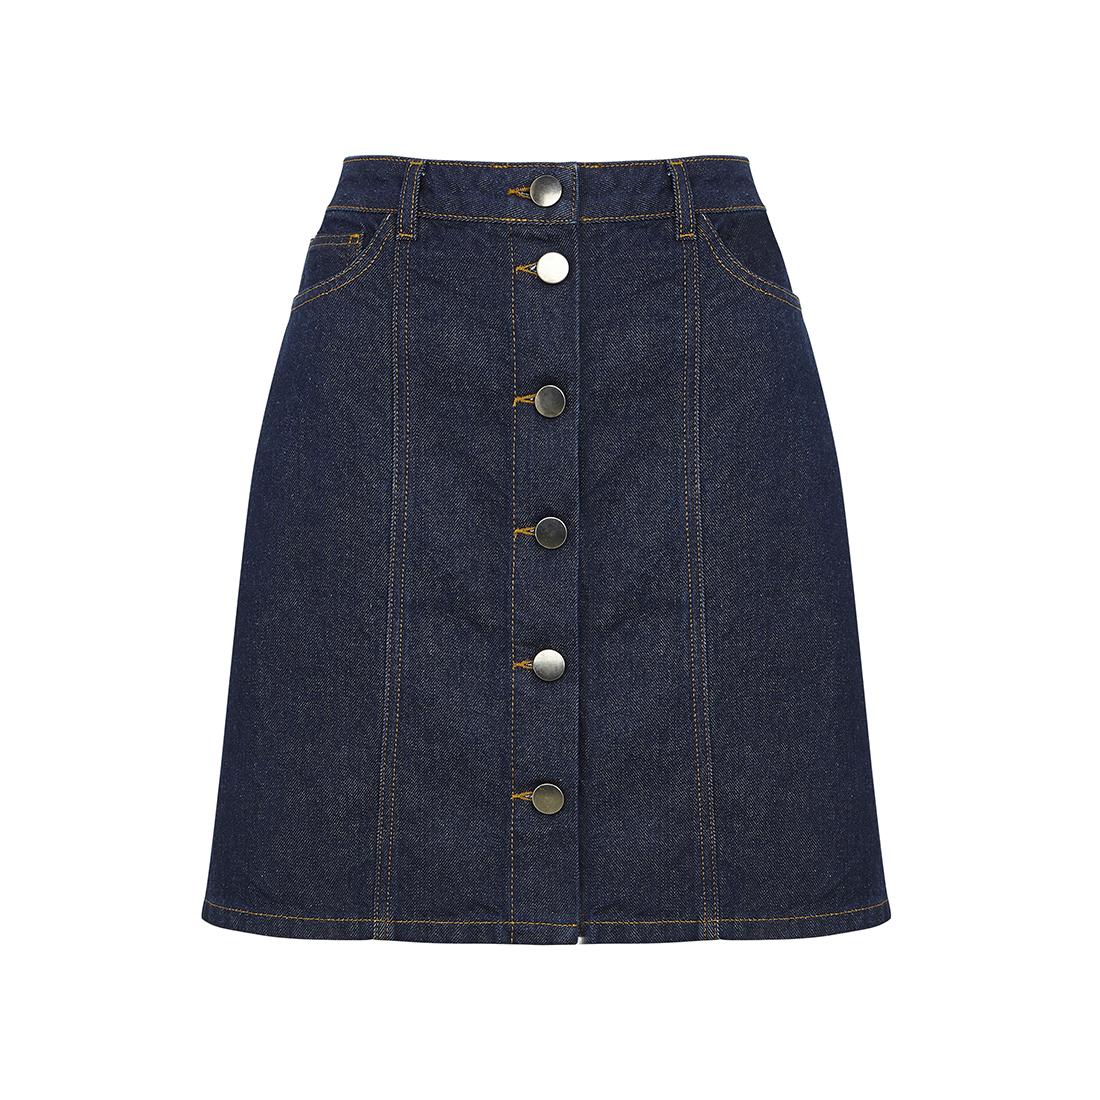 Skirt, £25